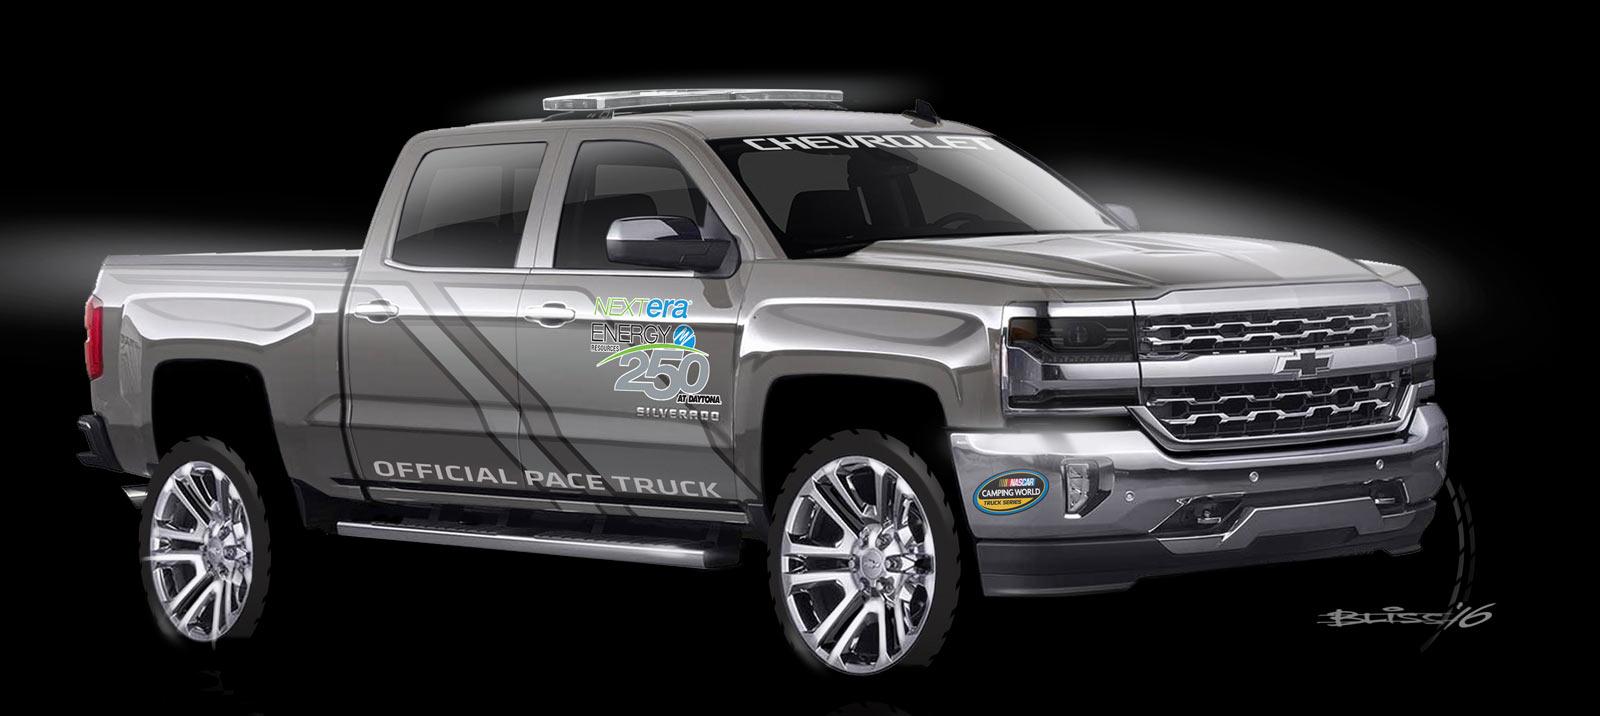 Silverado-Pace-Truck